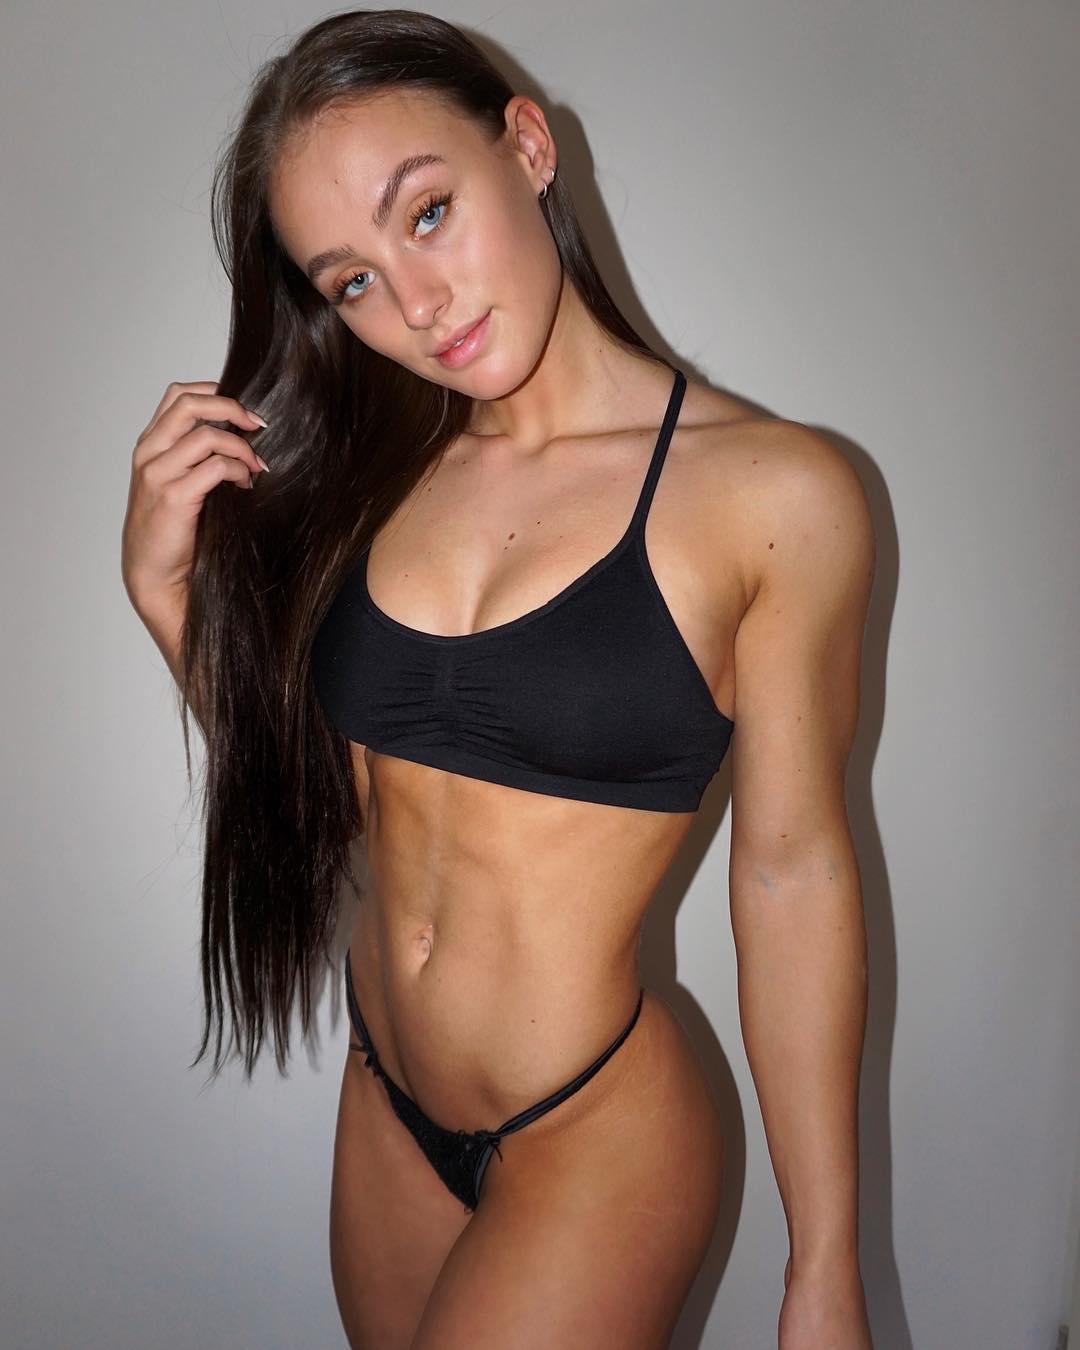 Fitness girl fuck